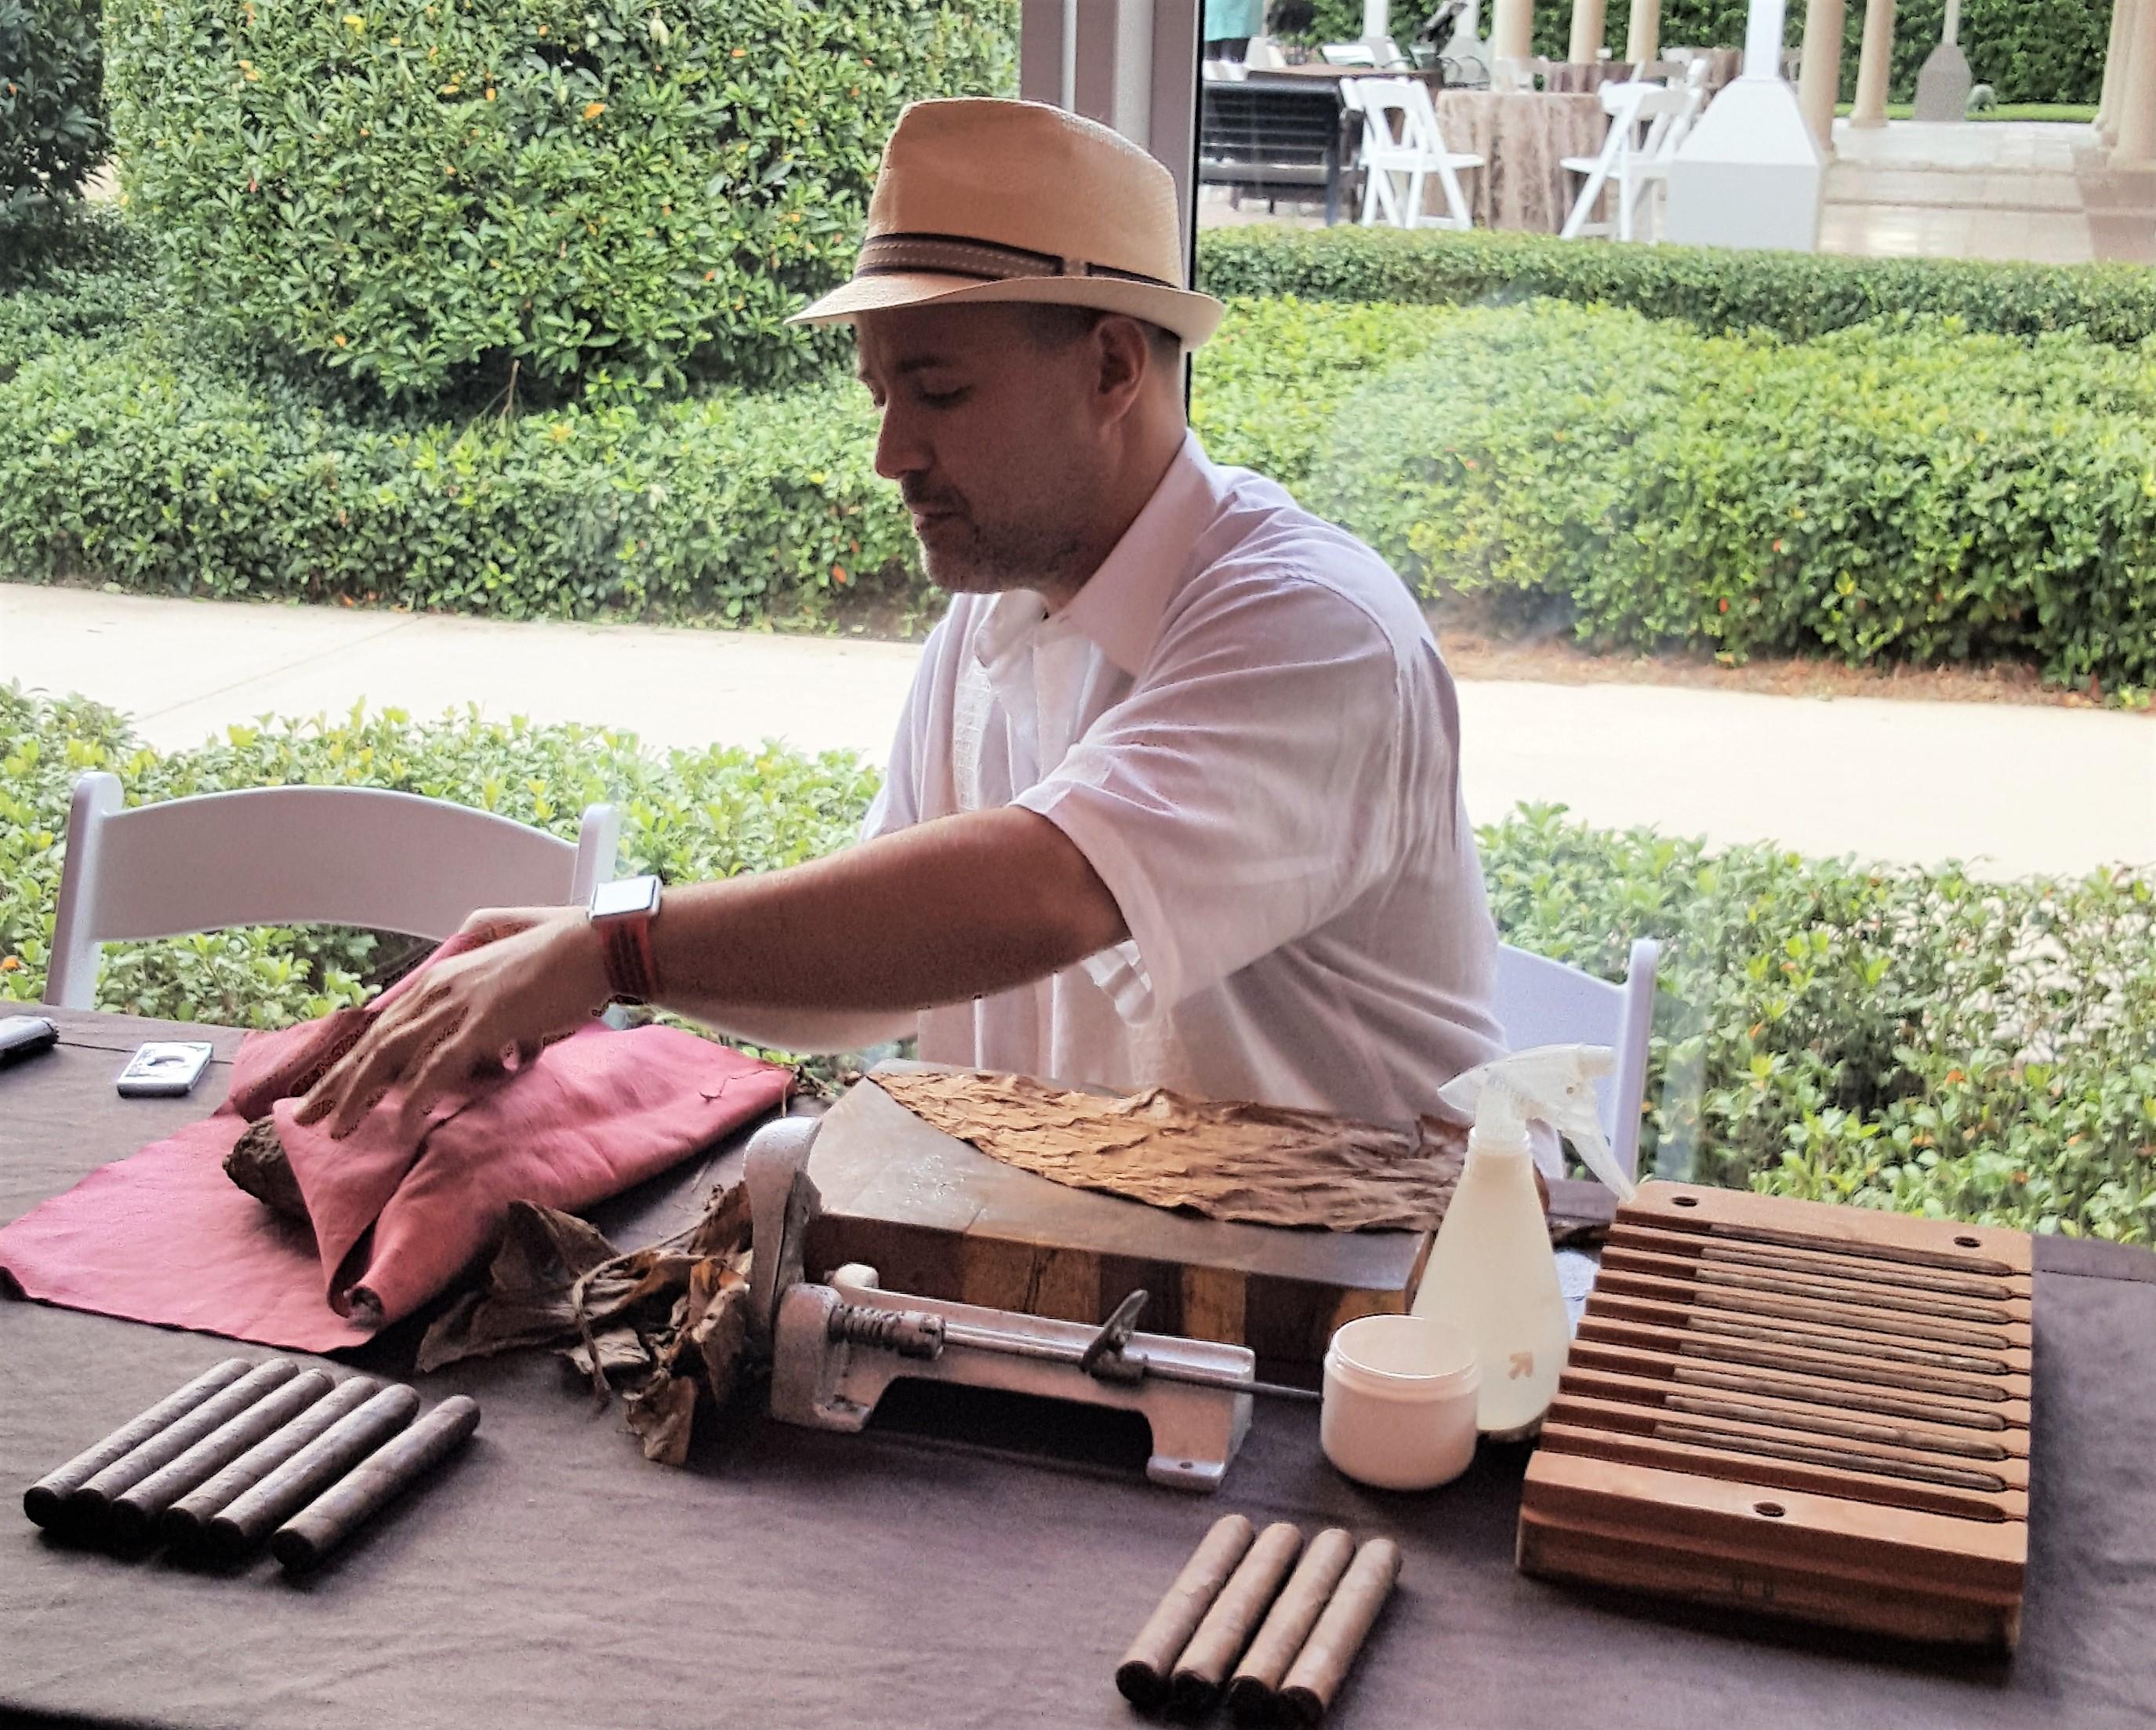 EK Cigar Roller